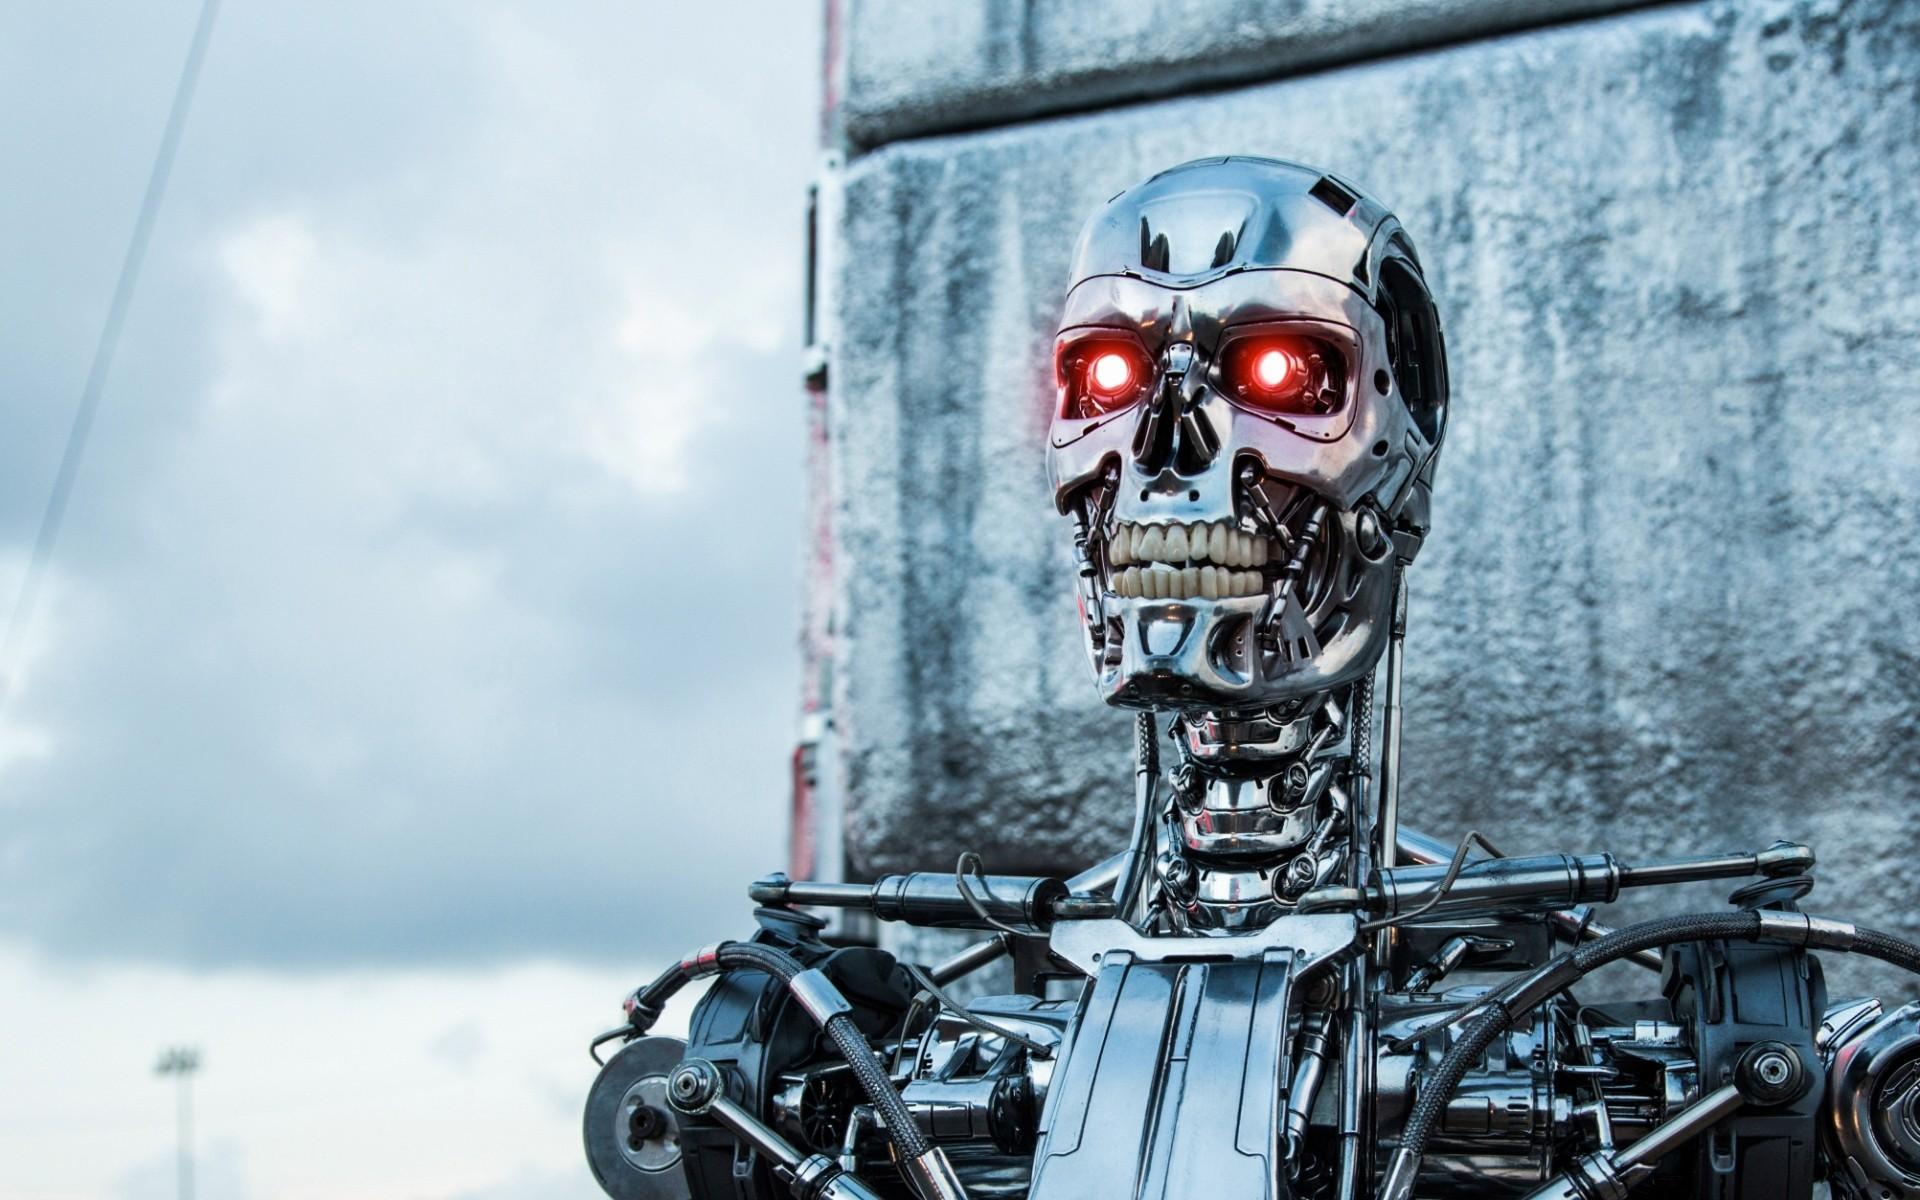 одеваются фото терминатора робота приобретения